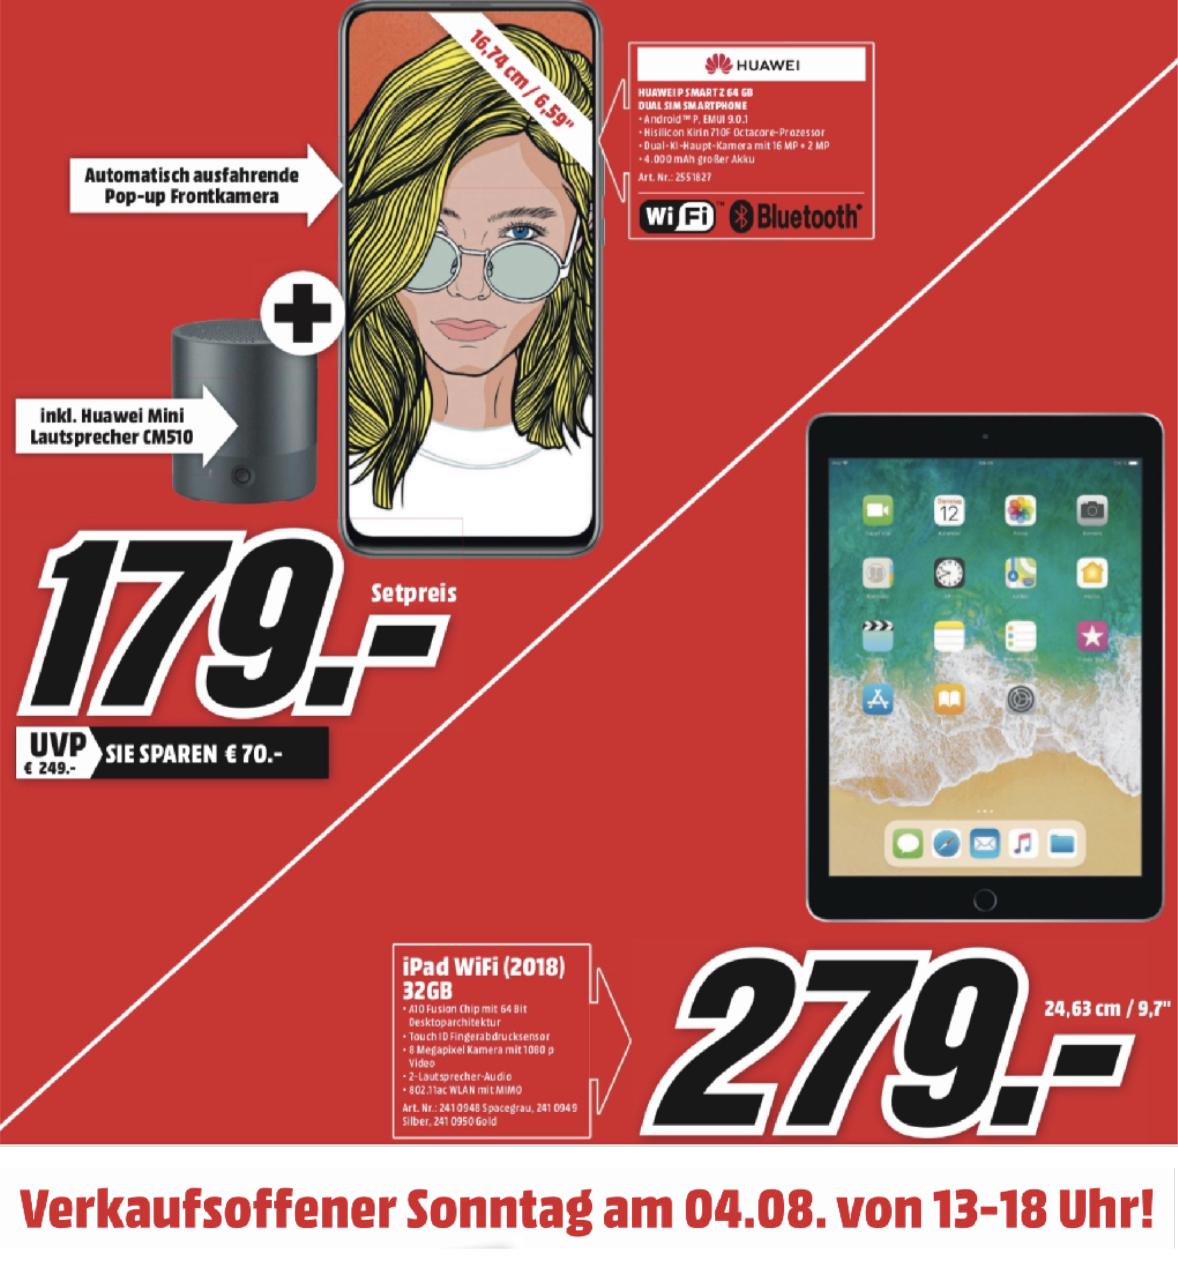 Lokal MediaMarkt Papenburg Sonntagsverkauf: Apple iPad 2018 32GB für 279€ o. Huawei P SMART Z + Lautsprecher für 179€  - u. weitere Angebote